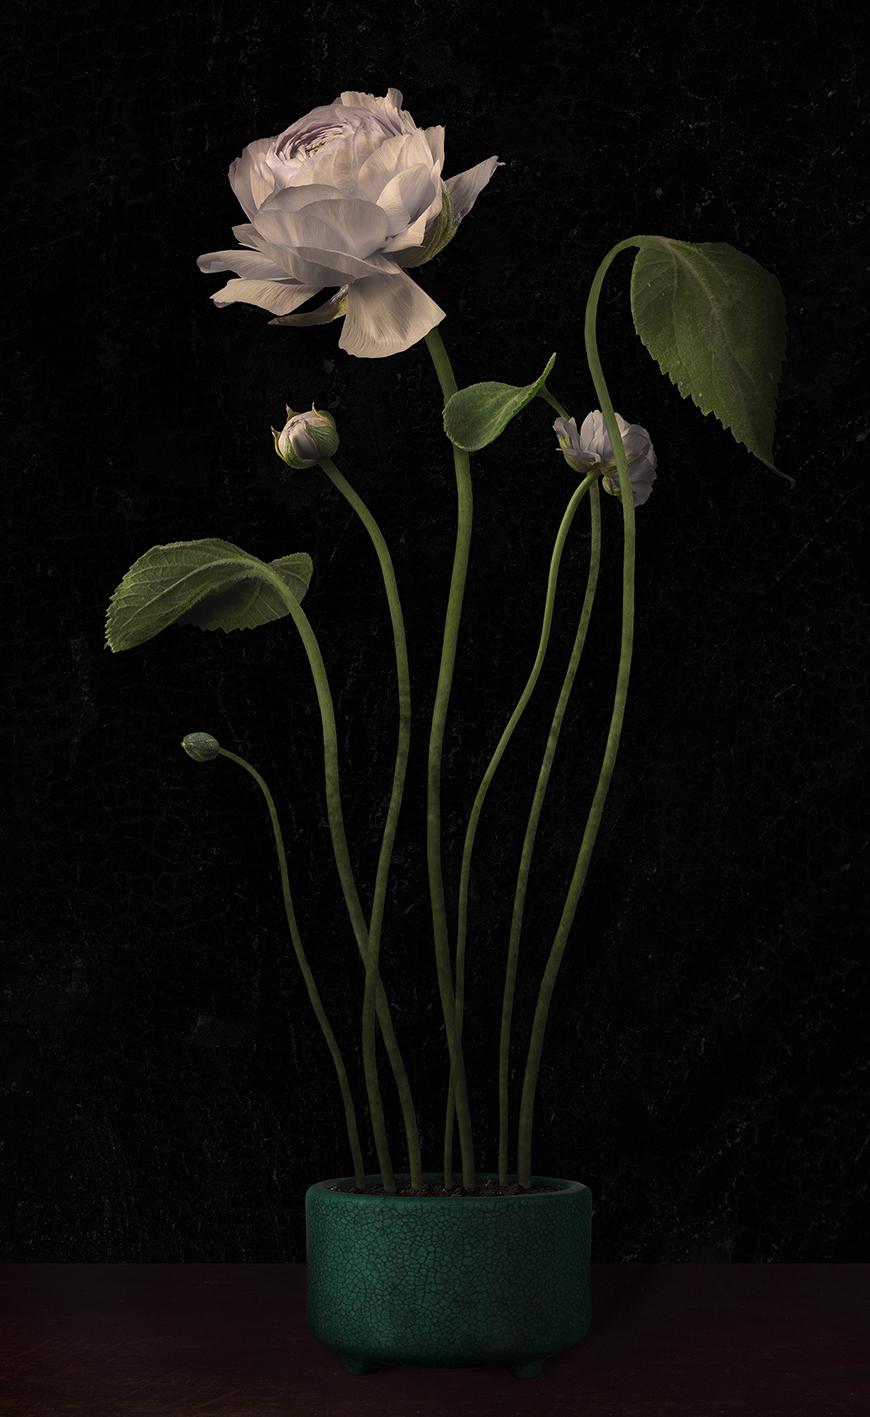 Bas Meeuws - Flower Pieces  Solo & boekpresentatie